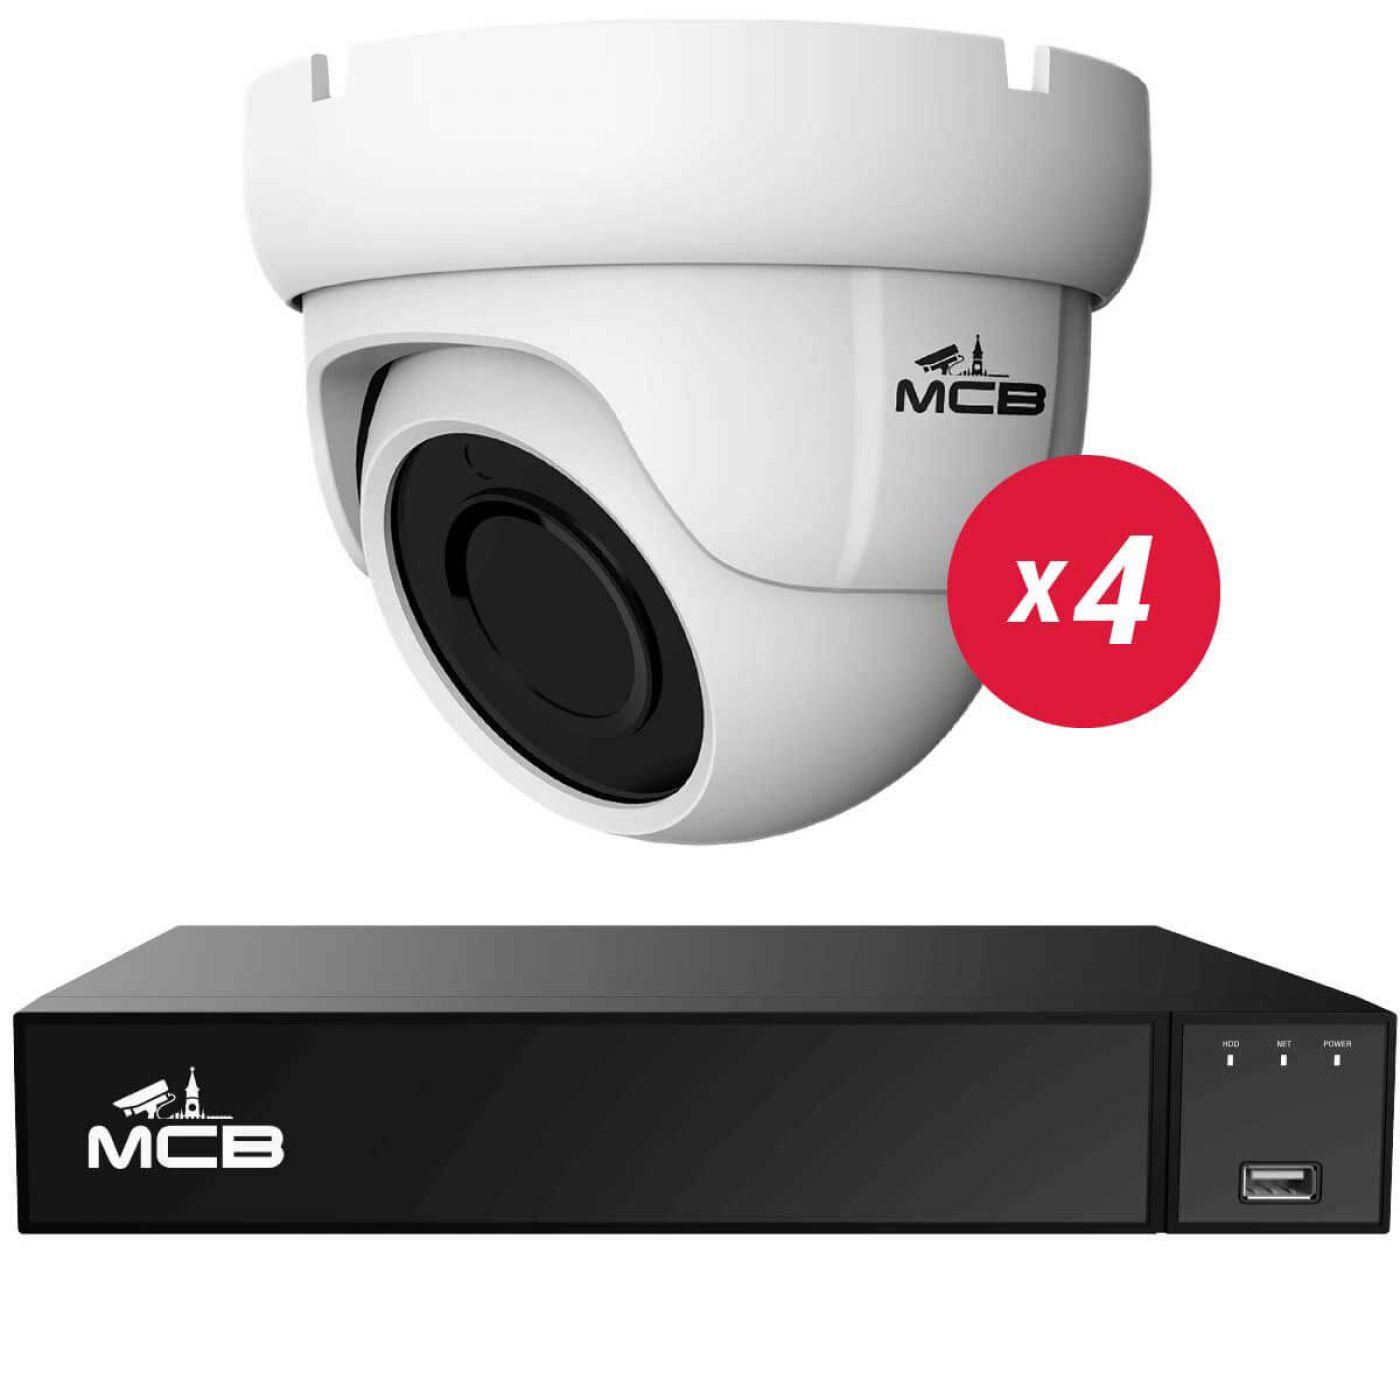 Комплект видеонаблюдения для помещения на 4 камеры 5 мегапикселей